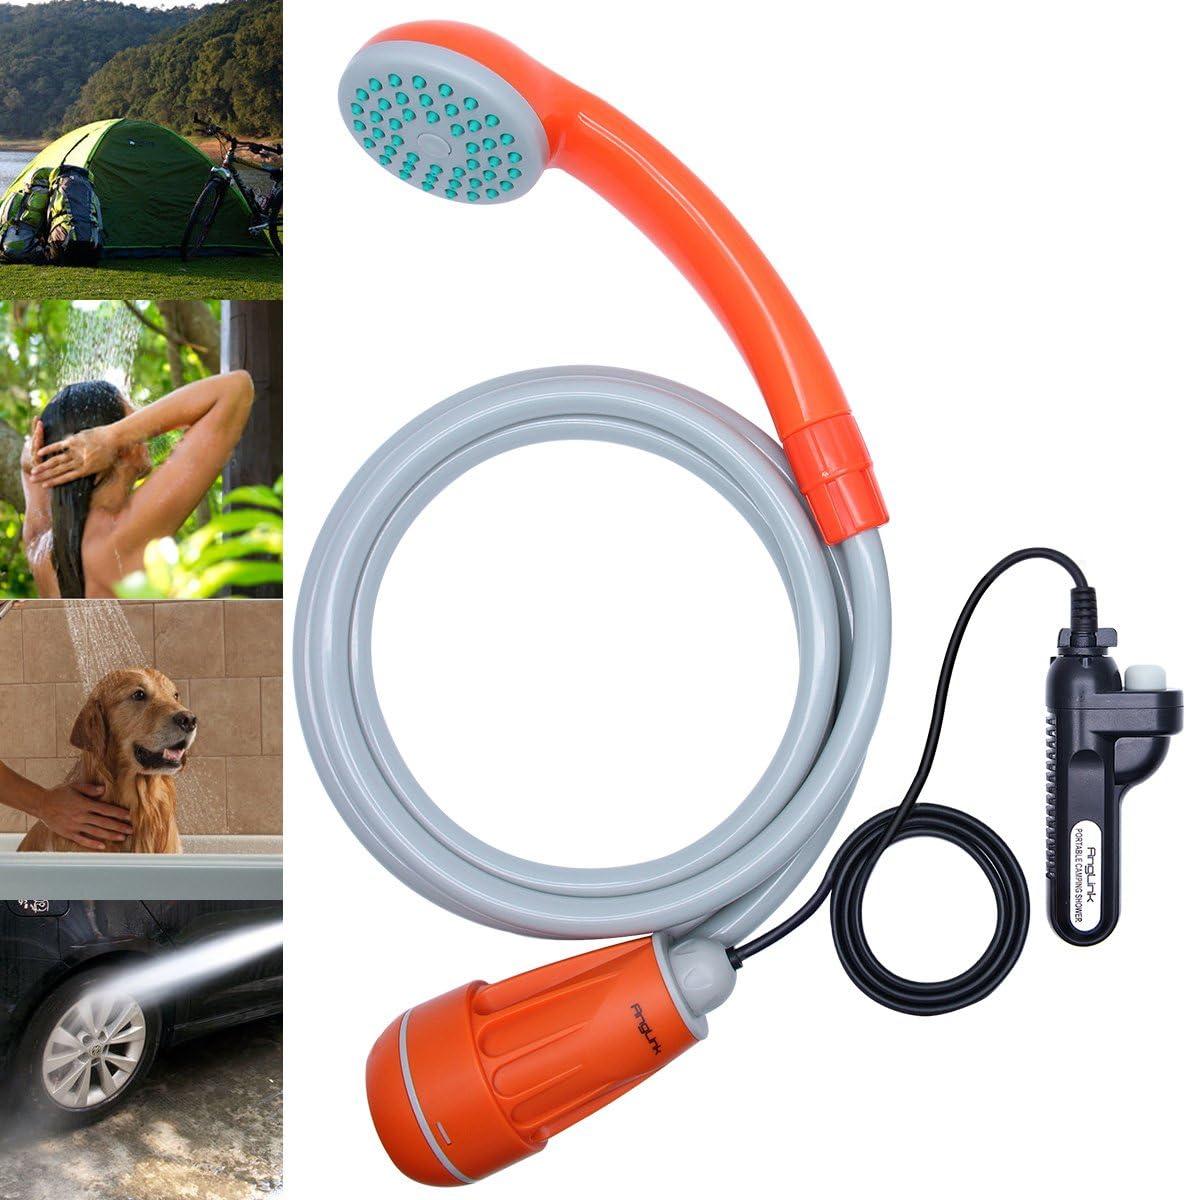 anglink camping ducha con bomba sumergible y funciona con pilas Auto ducha portátil exterior Ducha/Mobile ducha para camping, Auto, Exterior, Jardín, ...